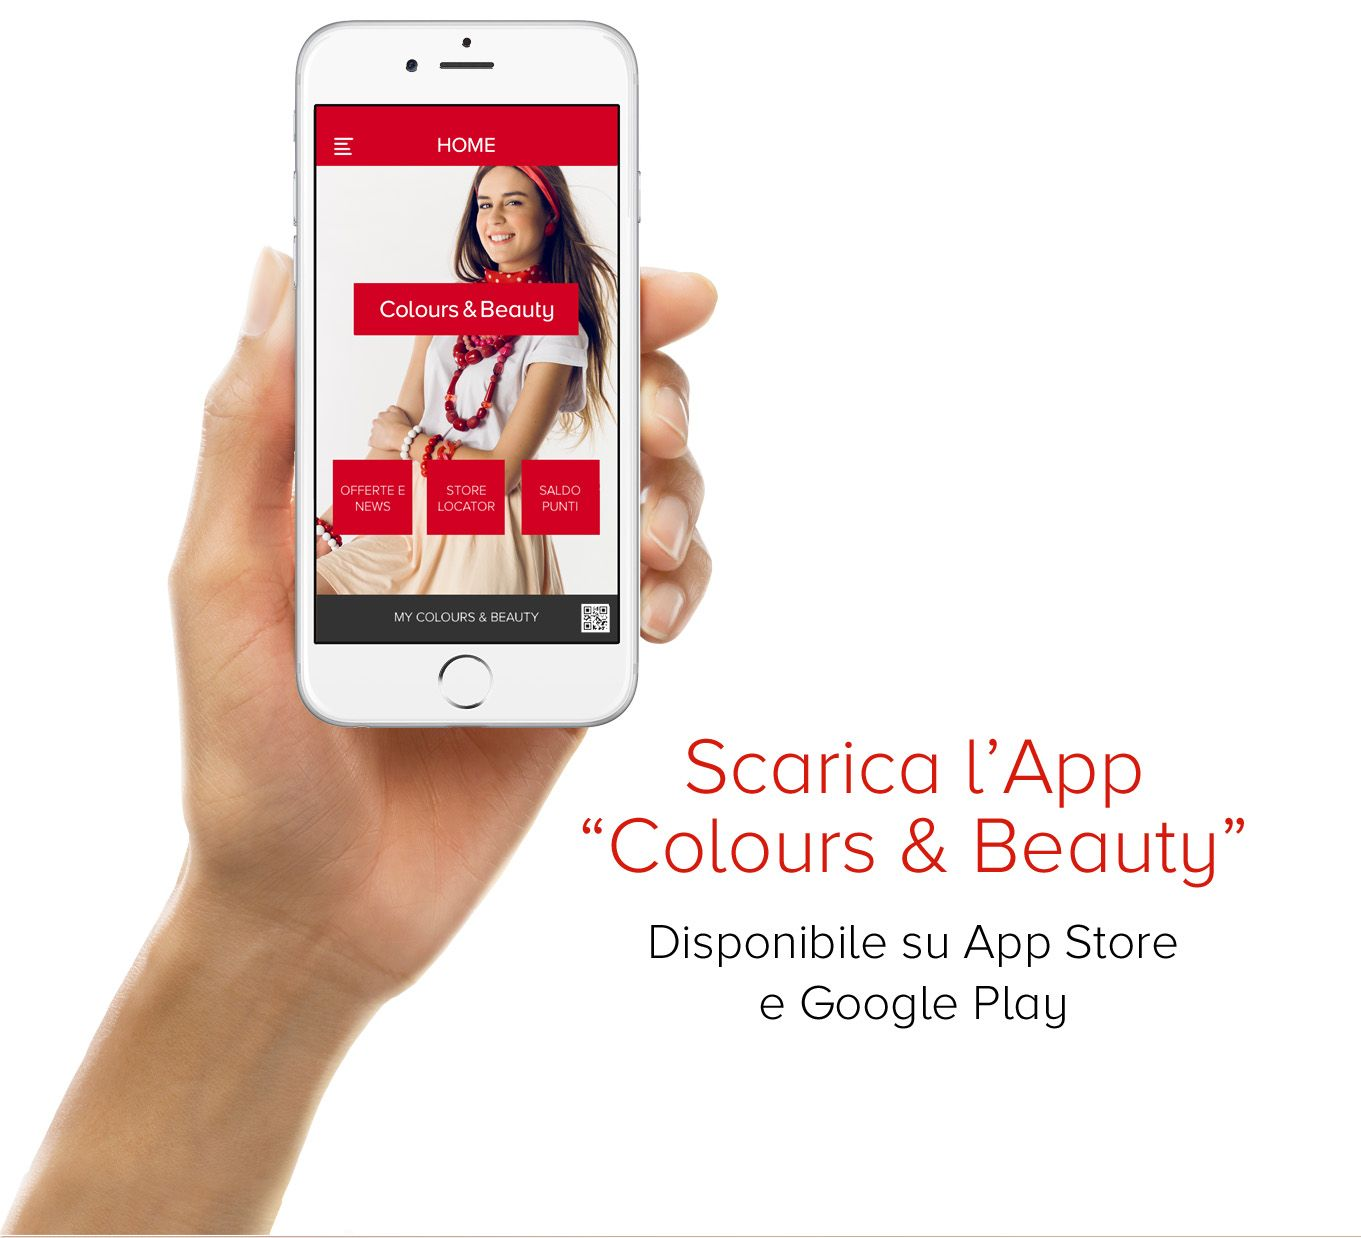 www.coloursandbeauty.it